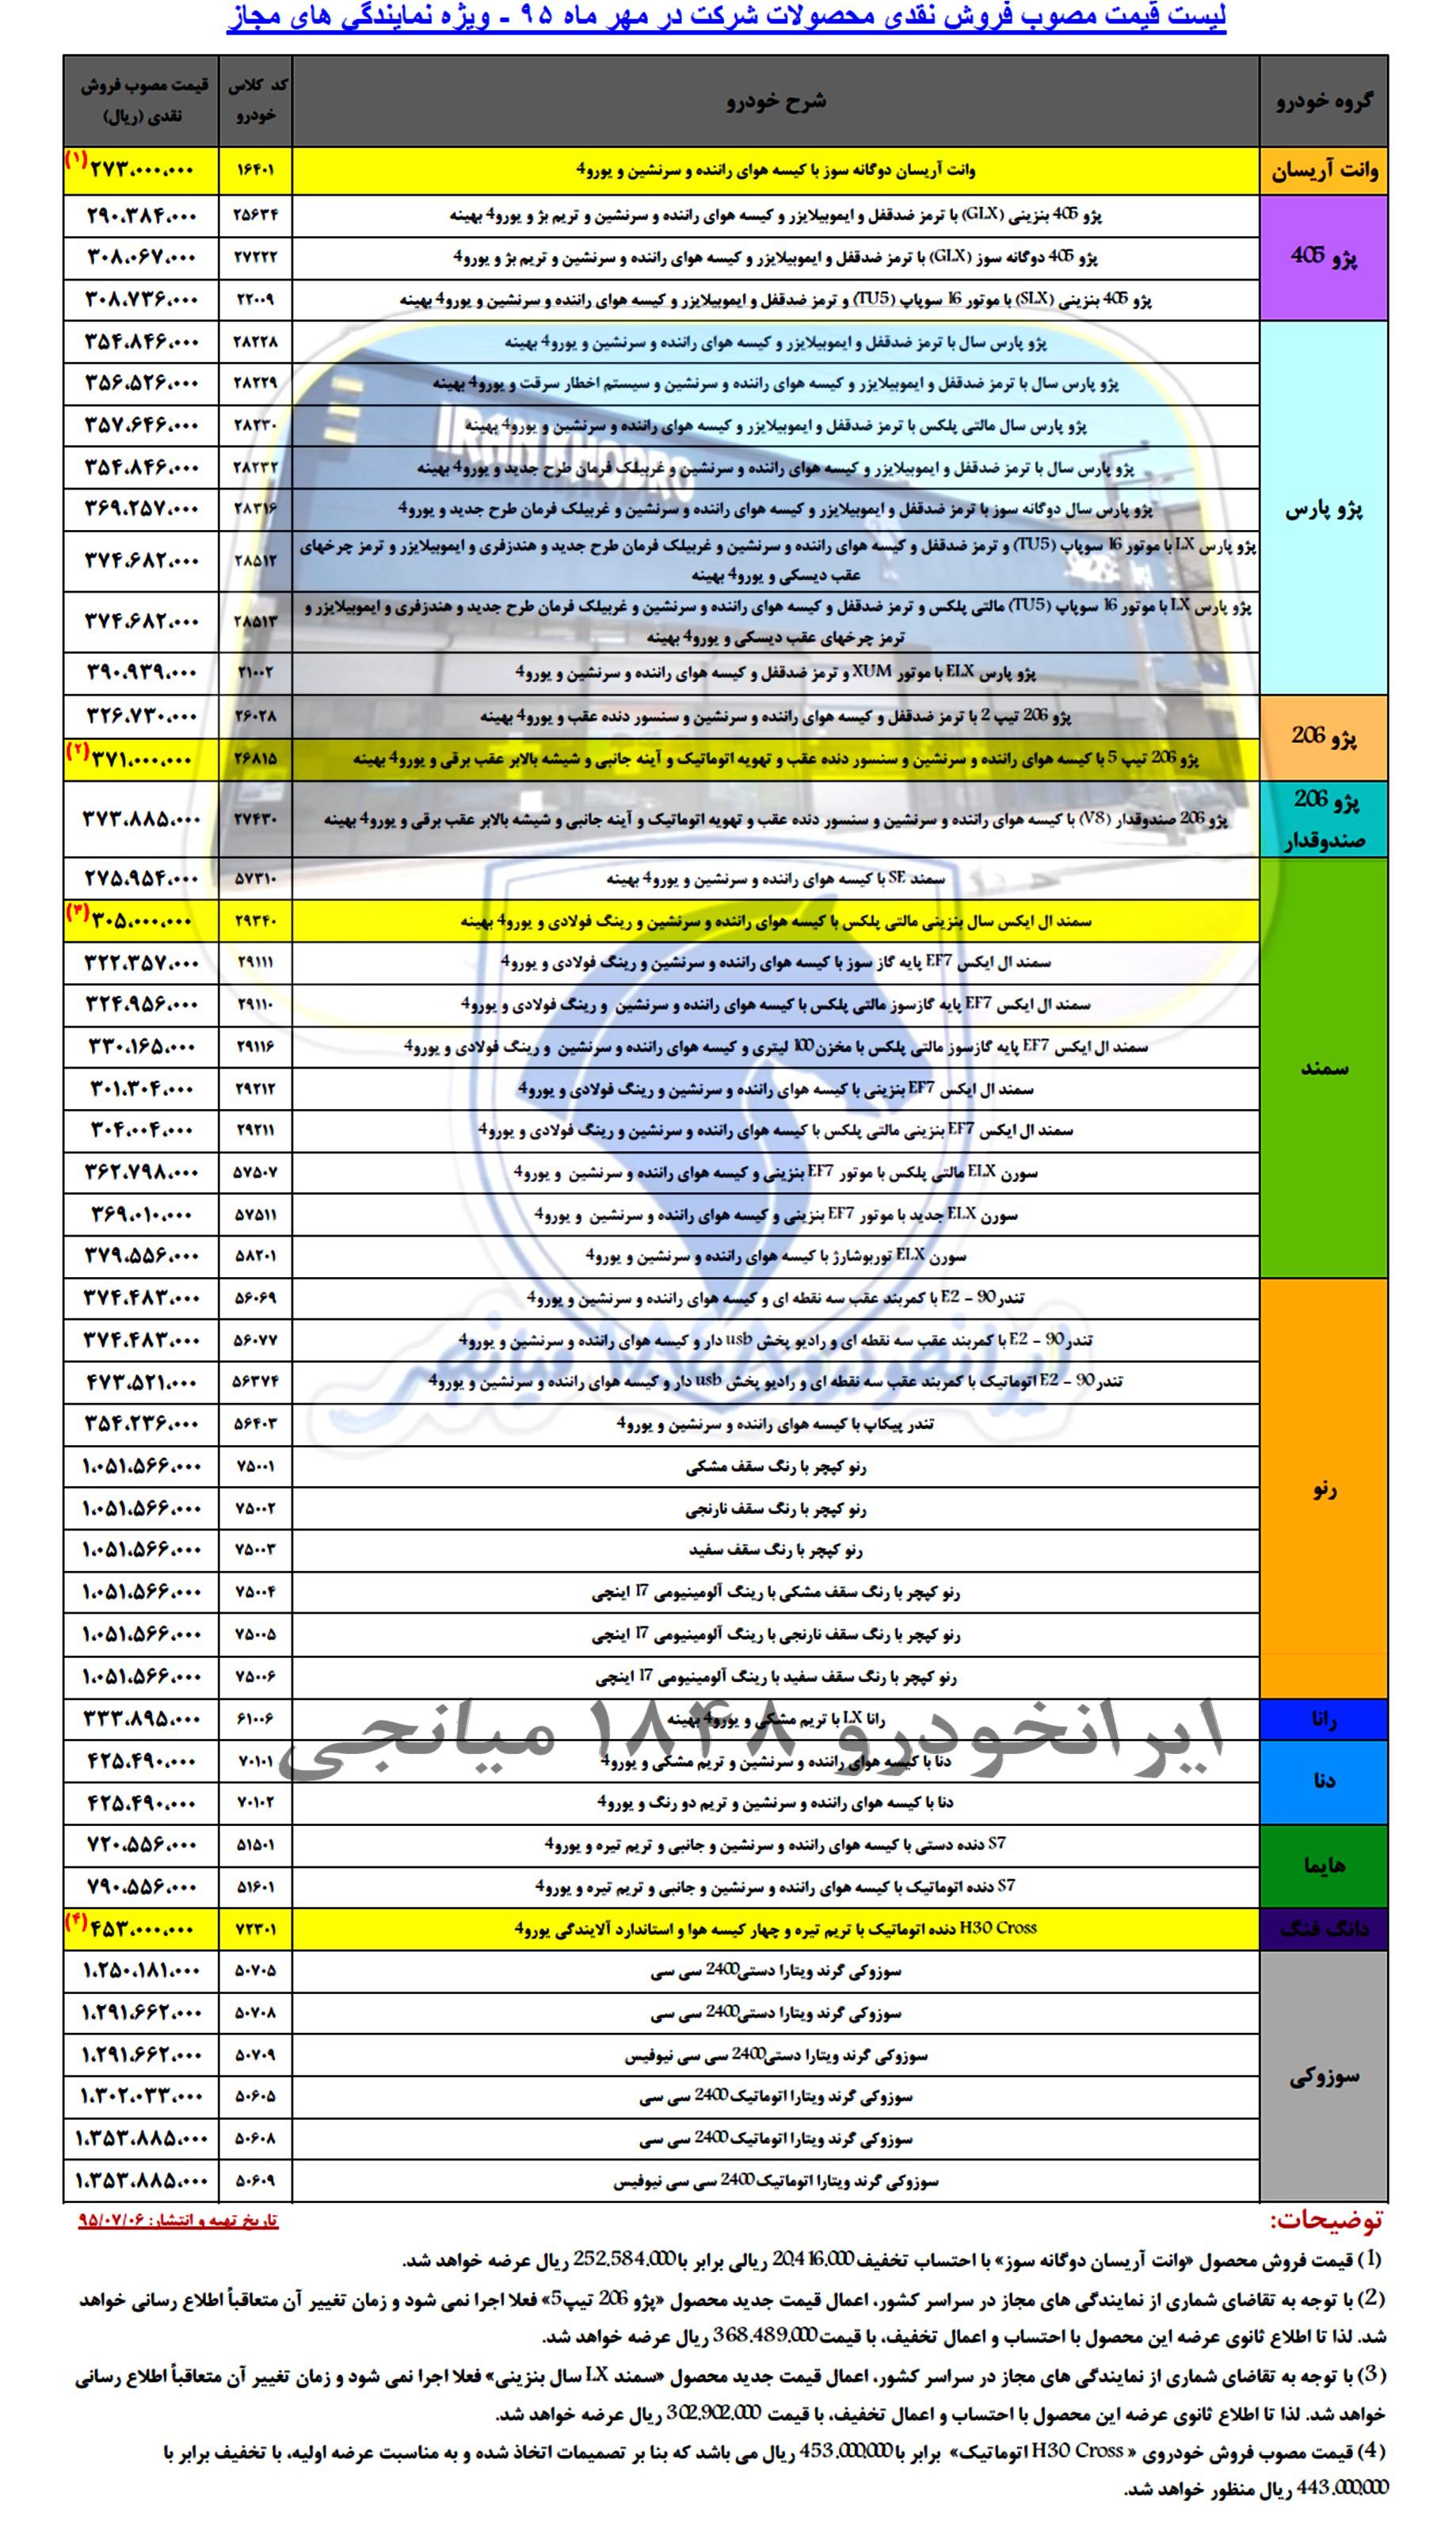 لیست قیمت خودردو در مهر ماه 95 همراه با اعلام قیمت نهایی خودرو h30cross ( اچ سی کراس )